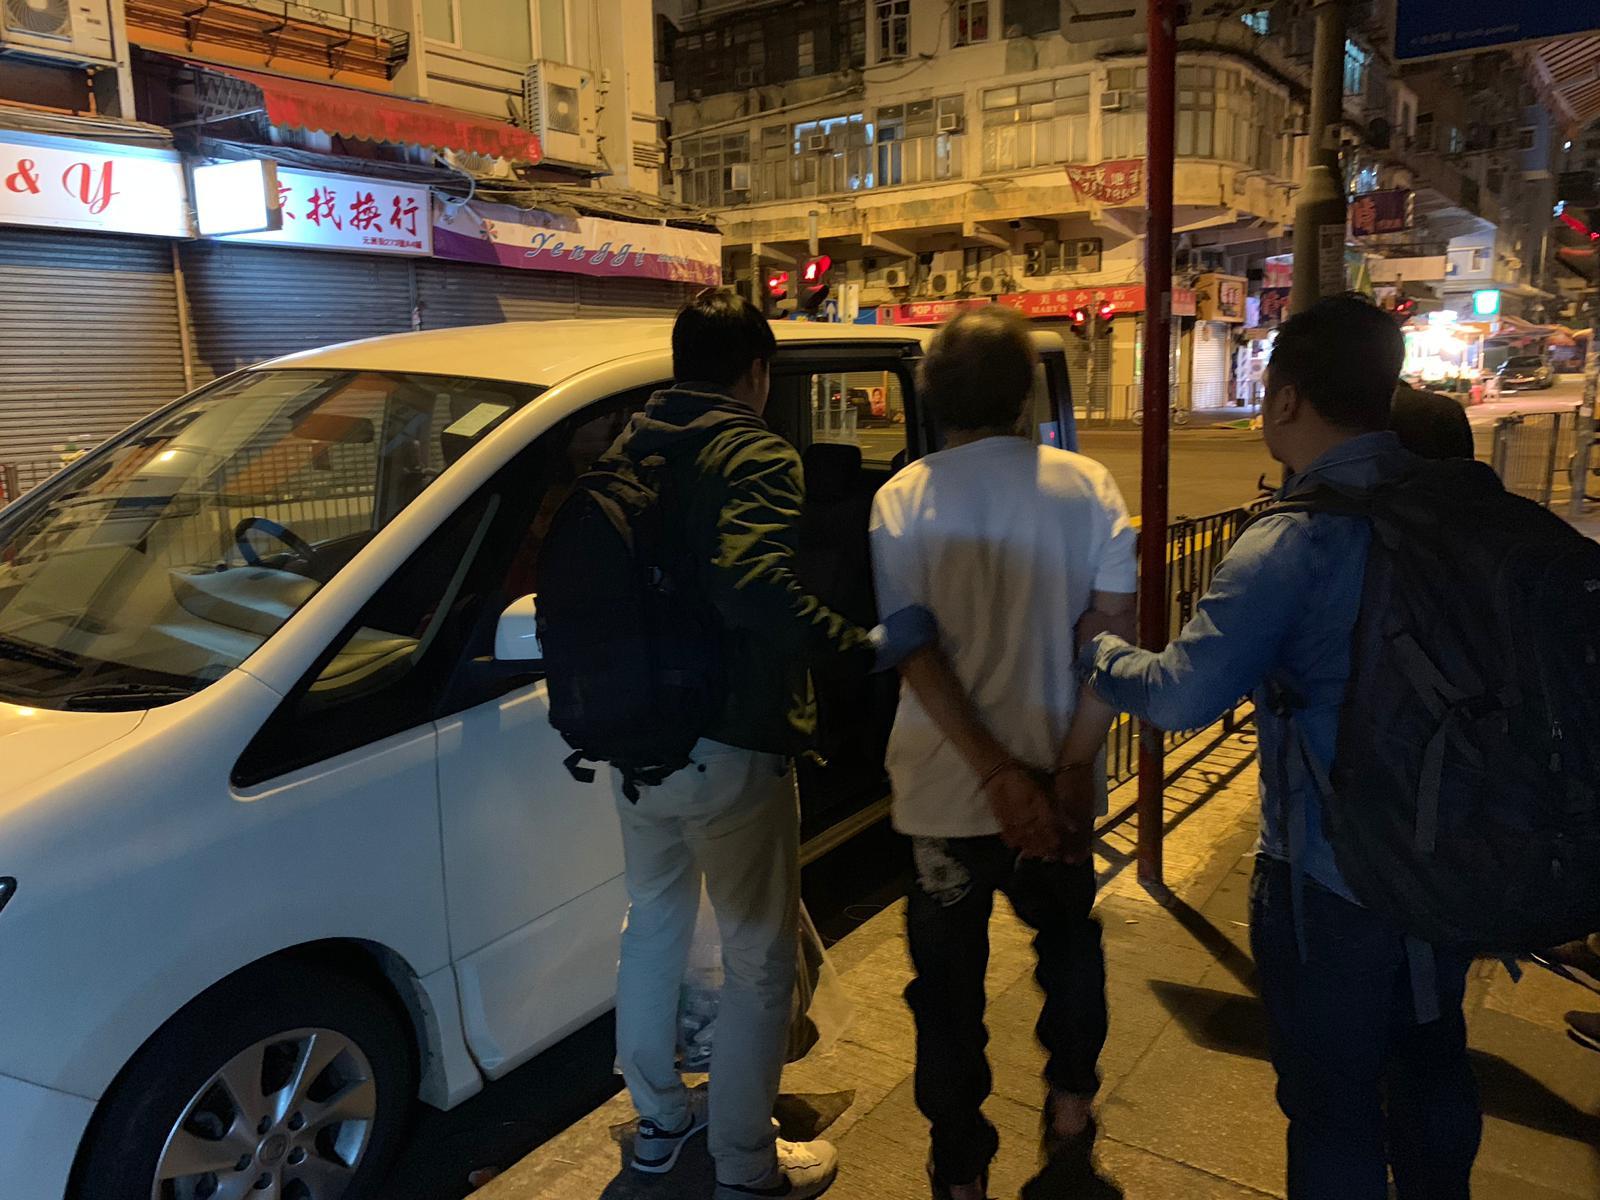 行動中被捕人士。警方圖片